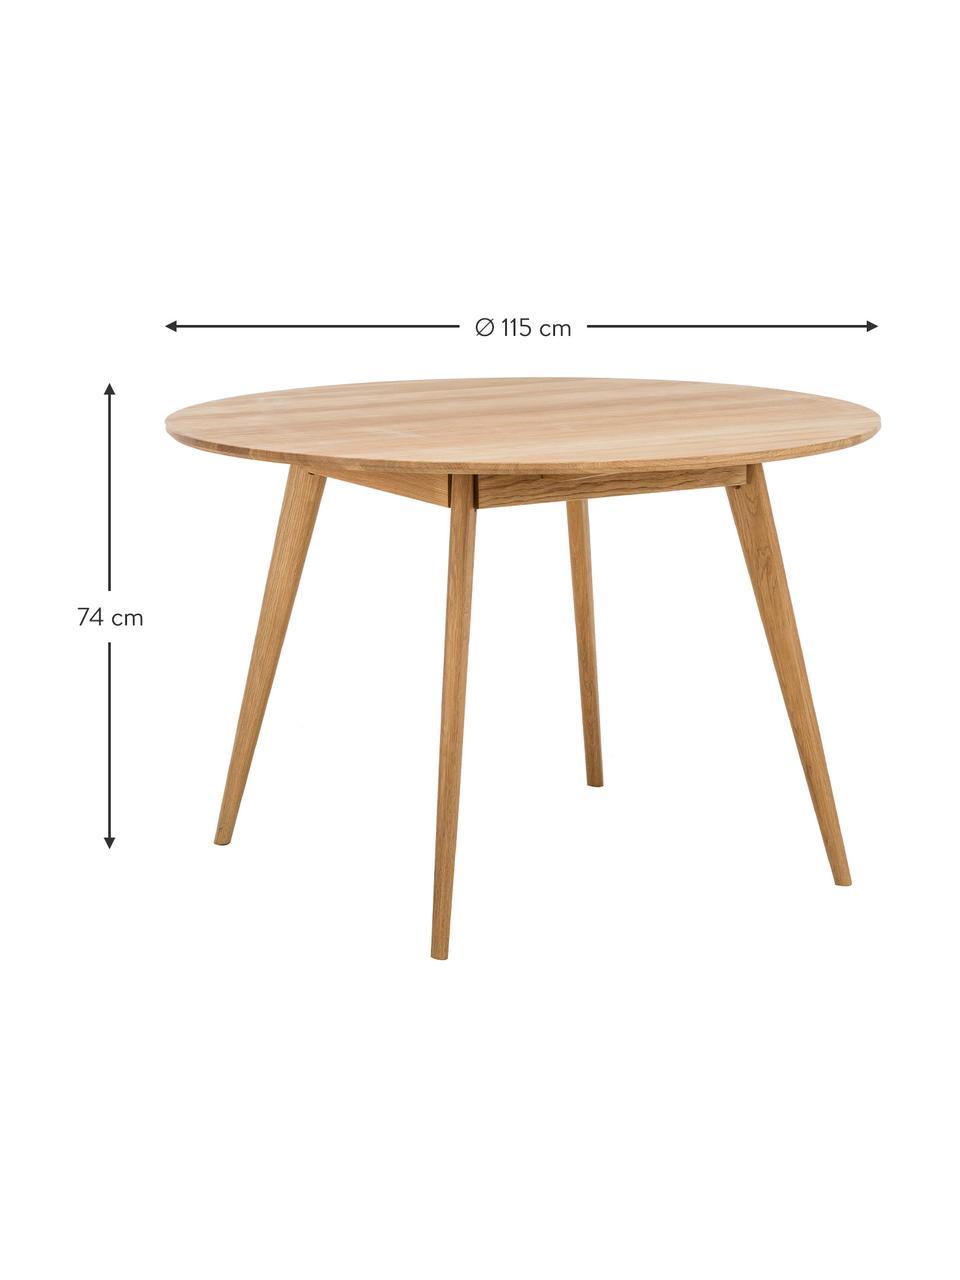 Ronde houten eettafel Yumi, Tafelblad: MDF met eikenhoutfineer, Poten: massief eikenhout, Eikenhoutkleurig, Ø 115 cm